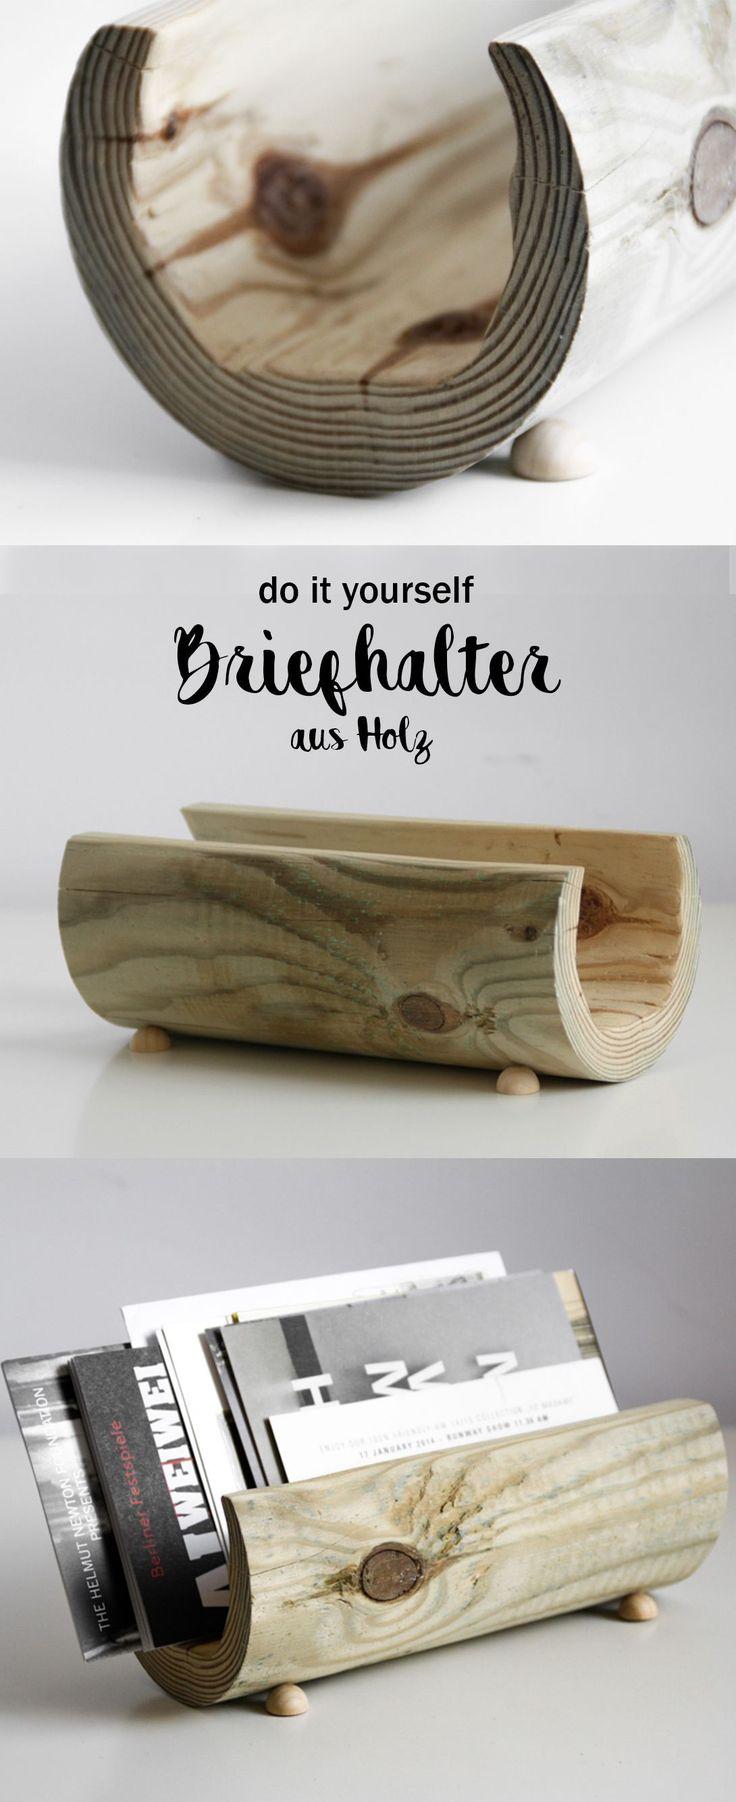 DIY Briefhalter aus Holz | Holzpfahl | Handwerk | Schreibtisch Organisation | Natürlich | wood desk organizer | letter holder | do it yourself Ideen ideas| Briefständer | Schnitzen | Geschenke | kreativ | Basteln | crafting | #RepurposedFurniture